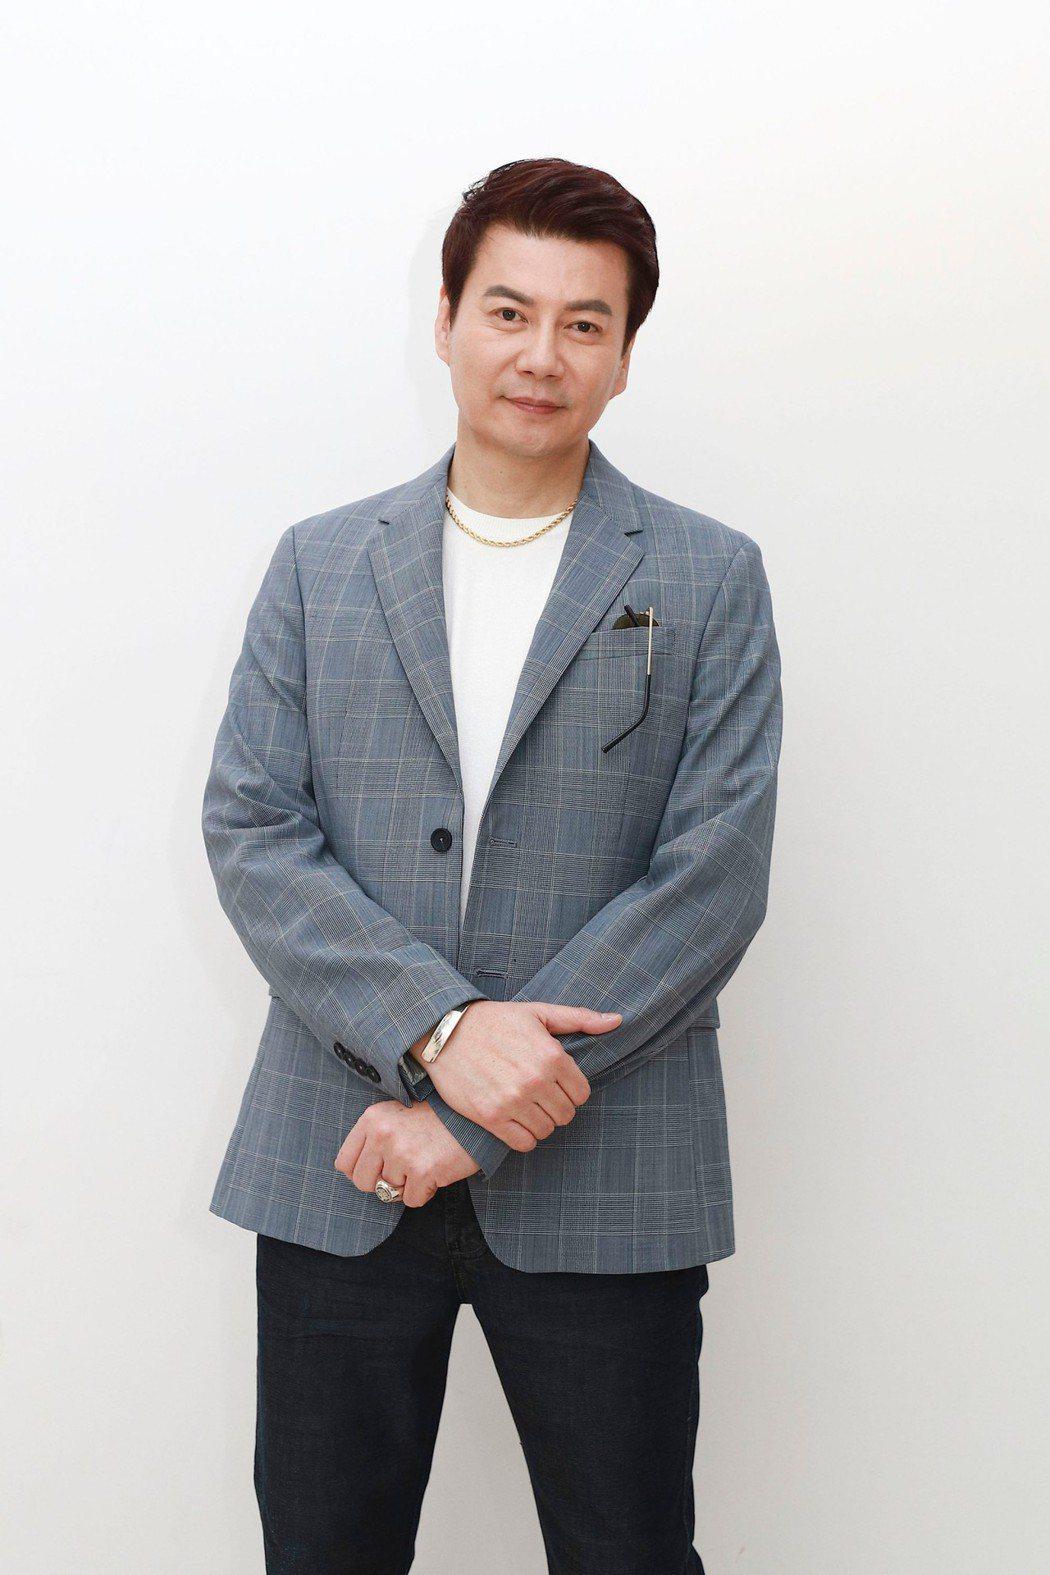 倪齊民暌違5年回歸民視8點檔,在「多情城市」演出建設公司老闆。圖/民視提供